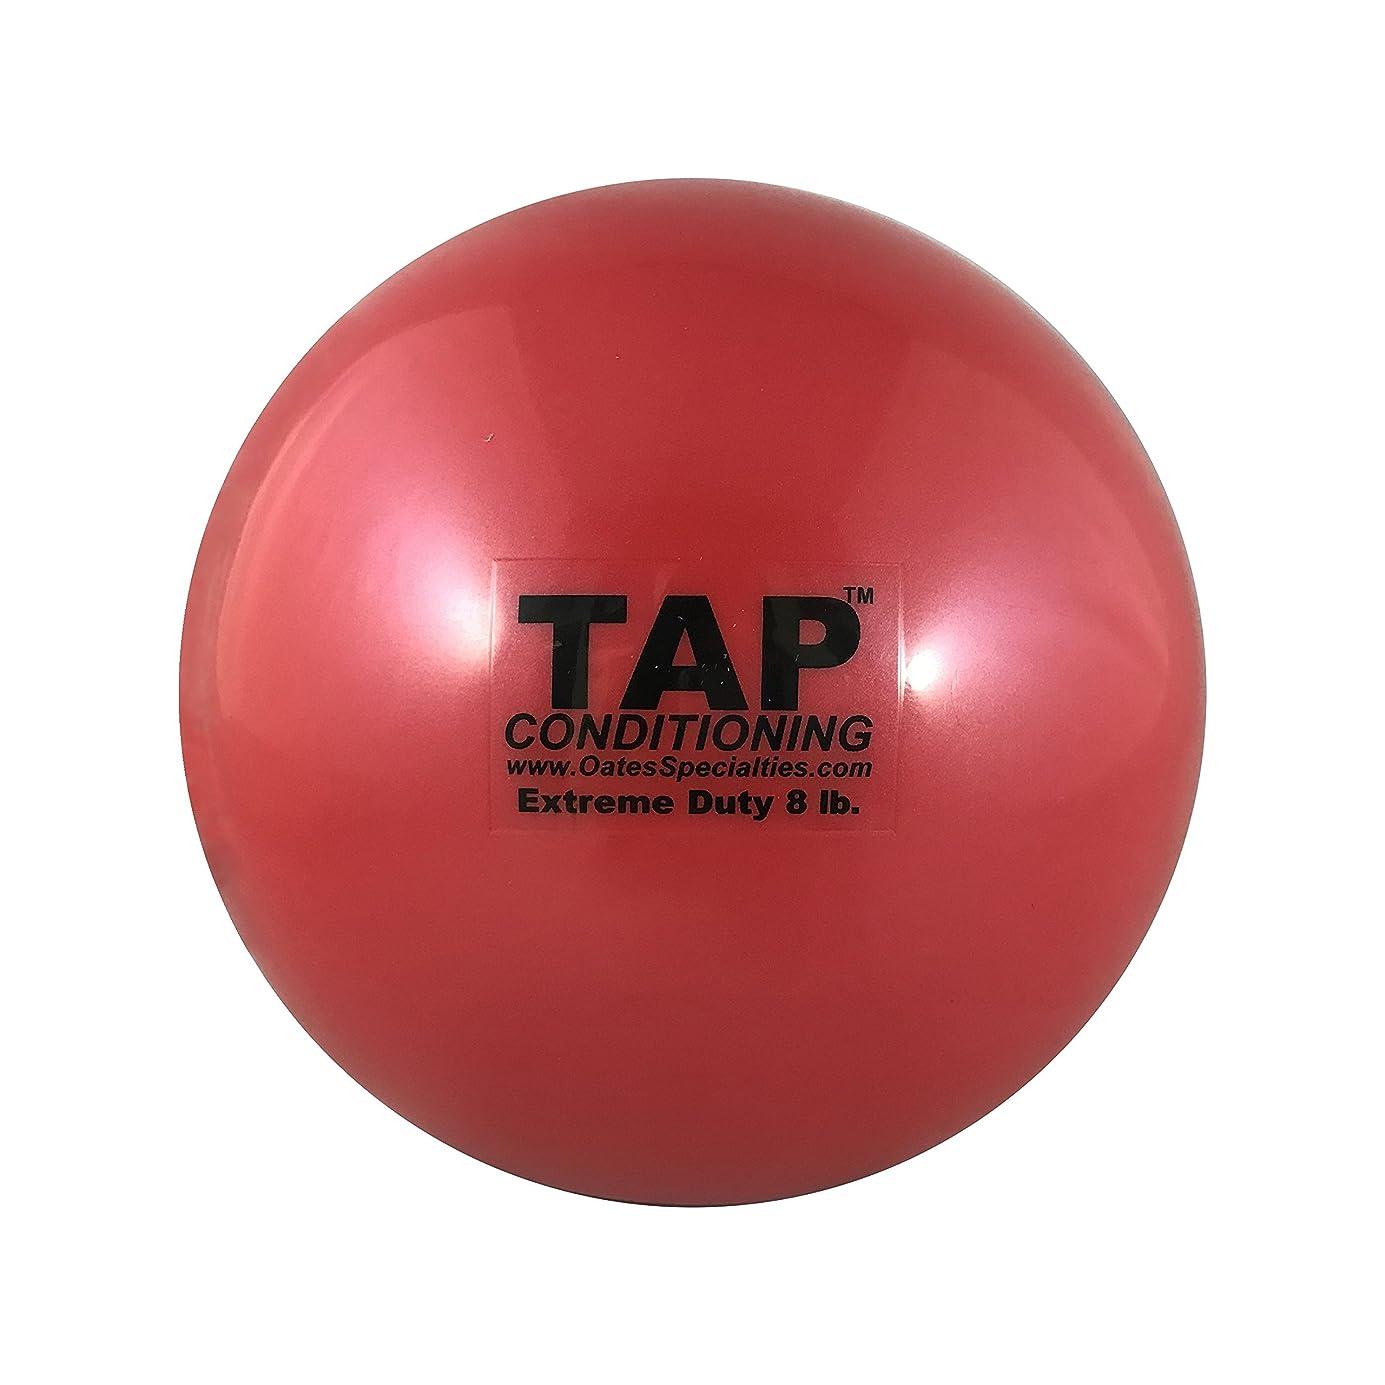 戻る報告書受け継ぐタップConditioning ? Pummelボール?–?8ポンド  Slamボール 強度&コンディショニングクロスフィット、爆発的Throws、Plyometric &コアトレーニング、Squats、ランジ、壁練習